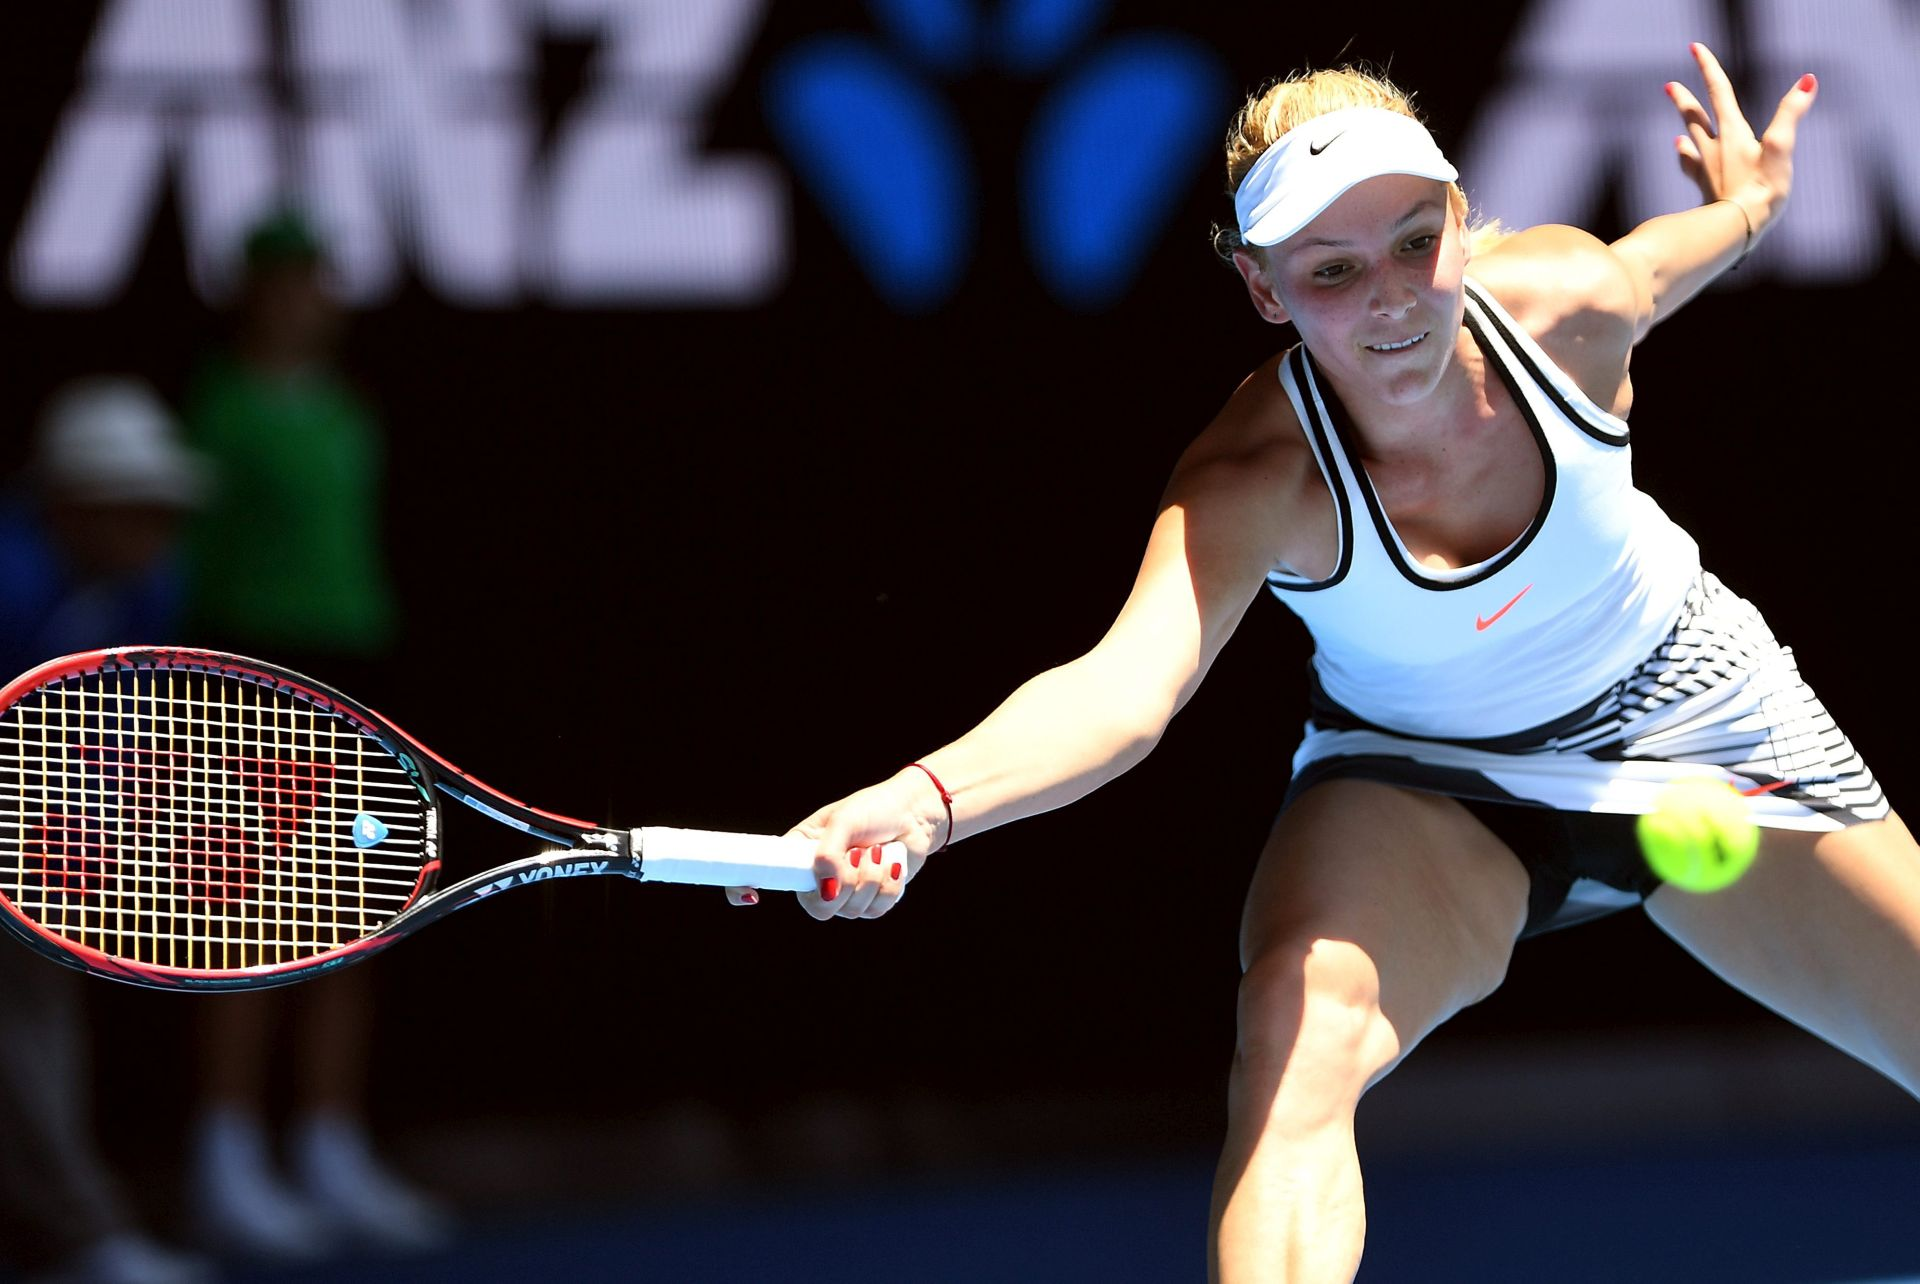 WTA LJESTVICA Vekić pala za pet mjesta